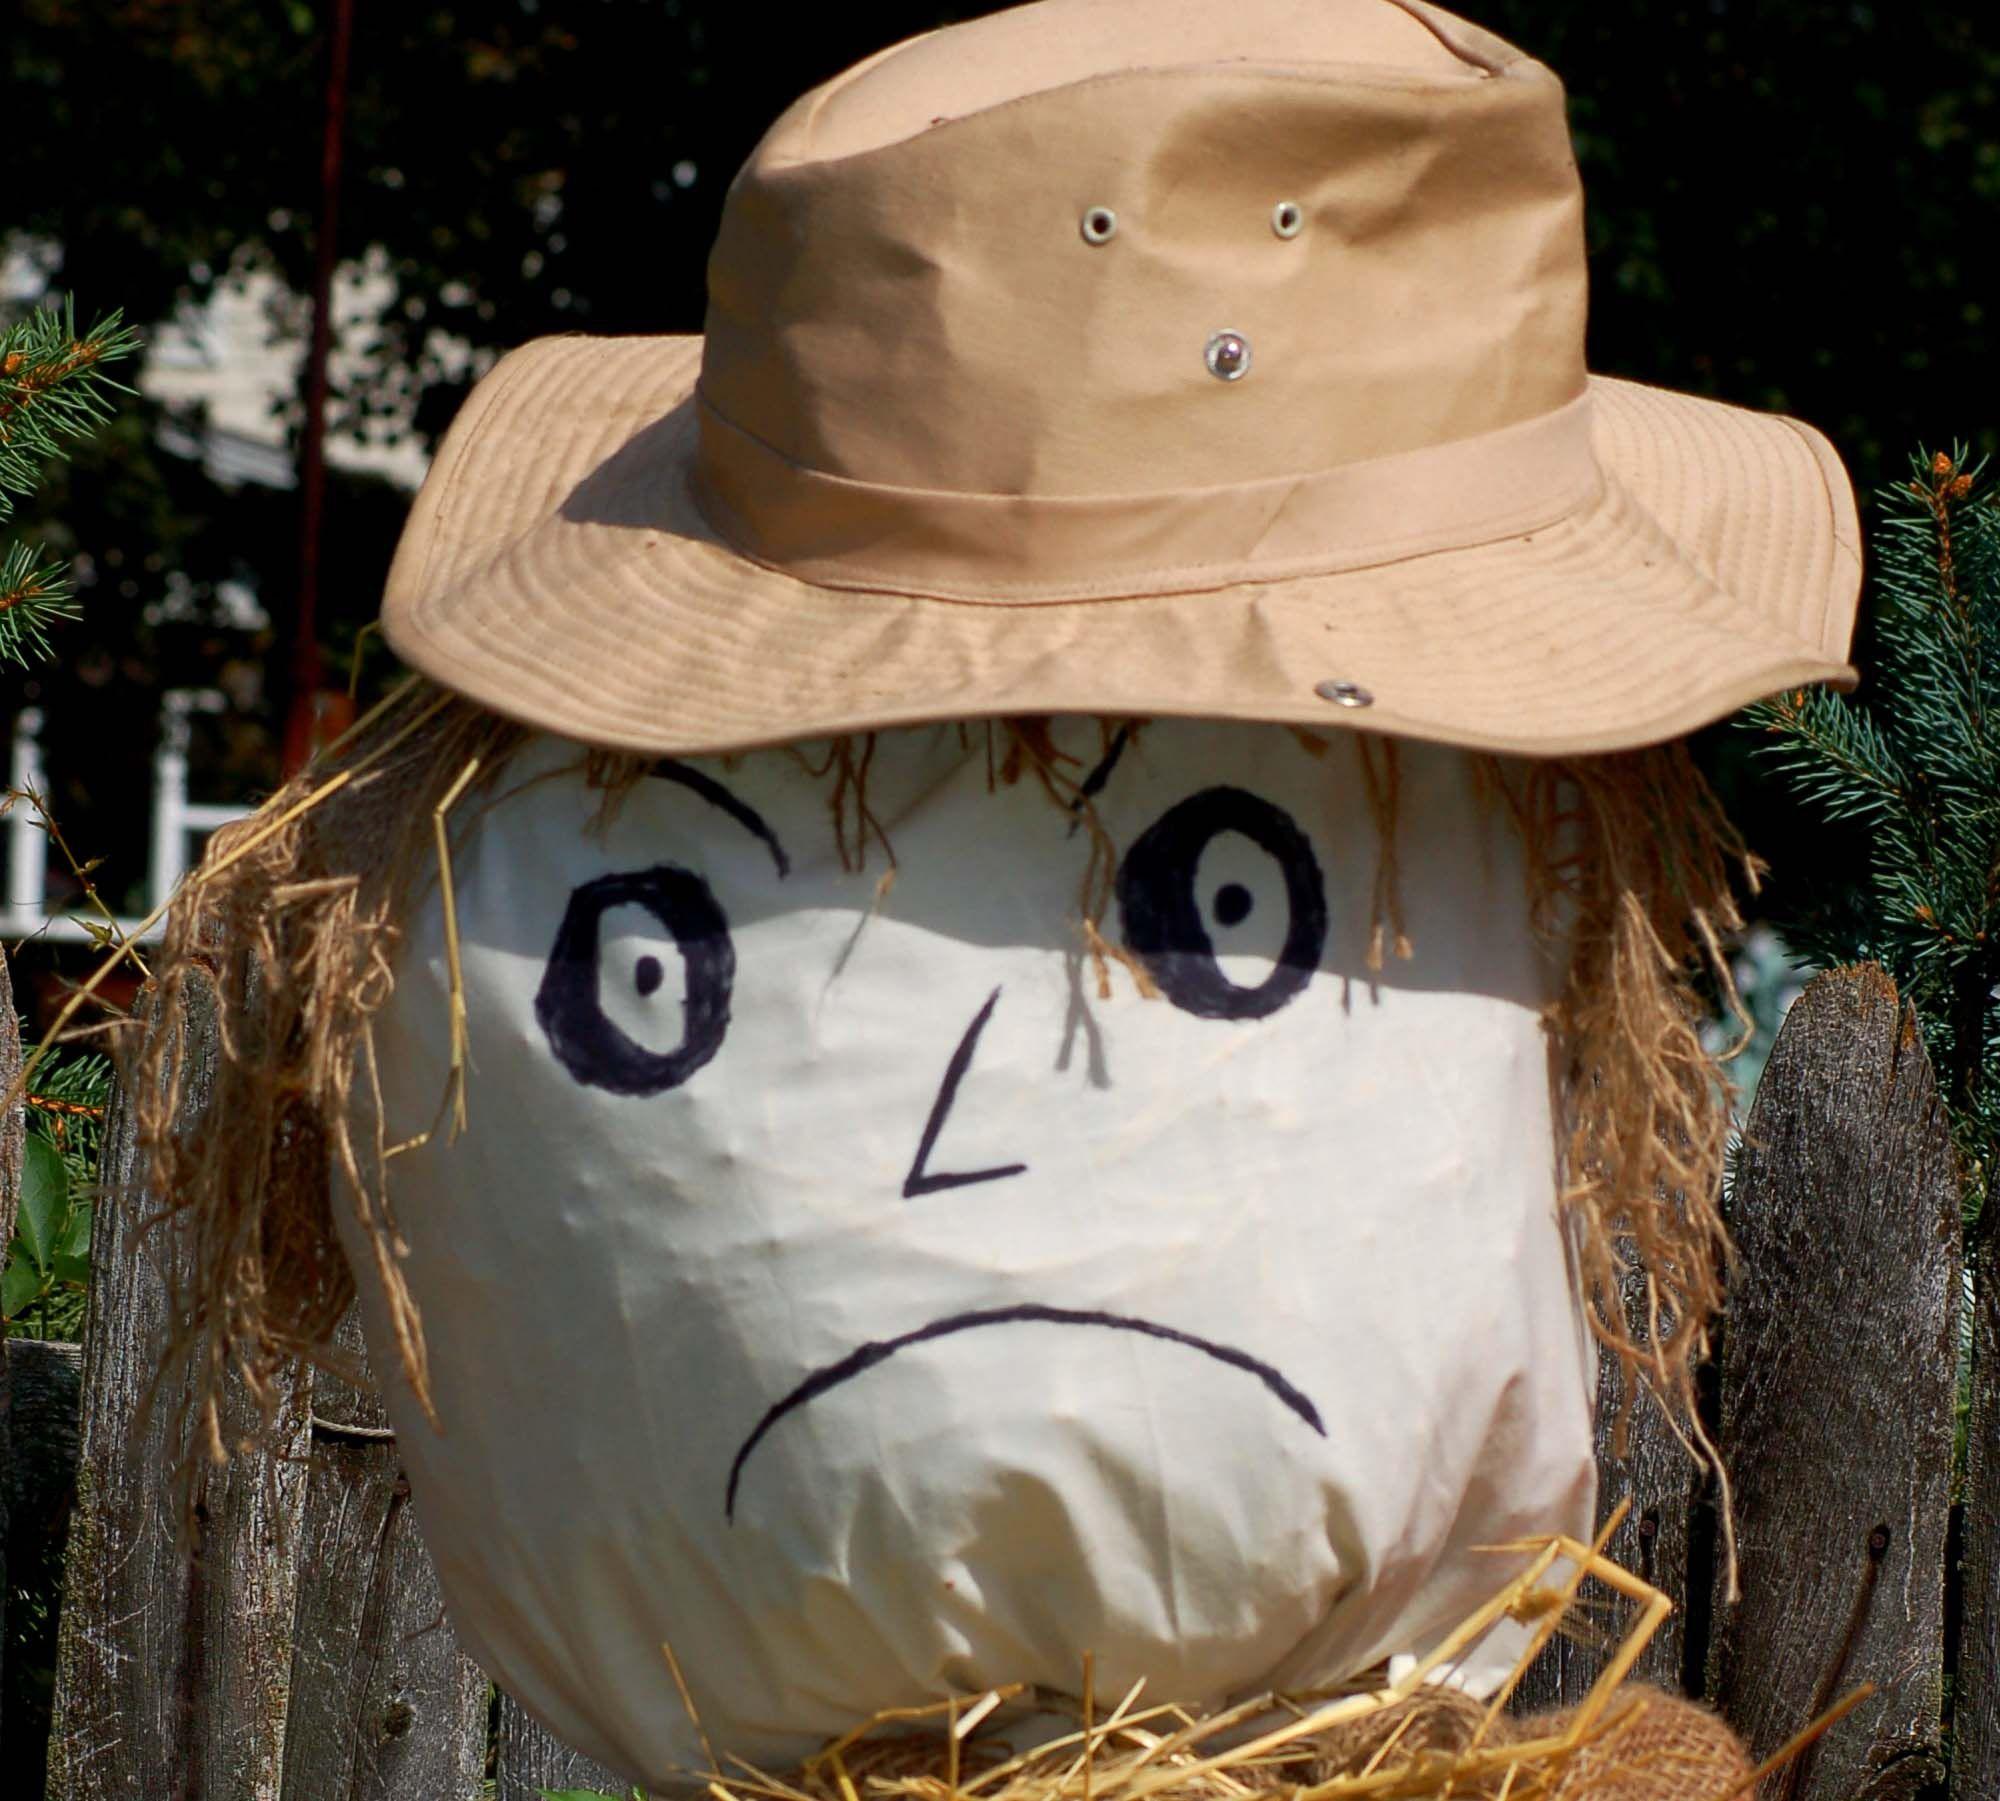 Phenomenal Ideas For Making Scarecrows Interior Design Ideas Inesswwsoteloinfo